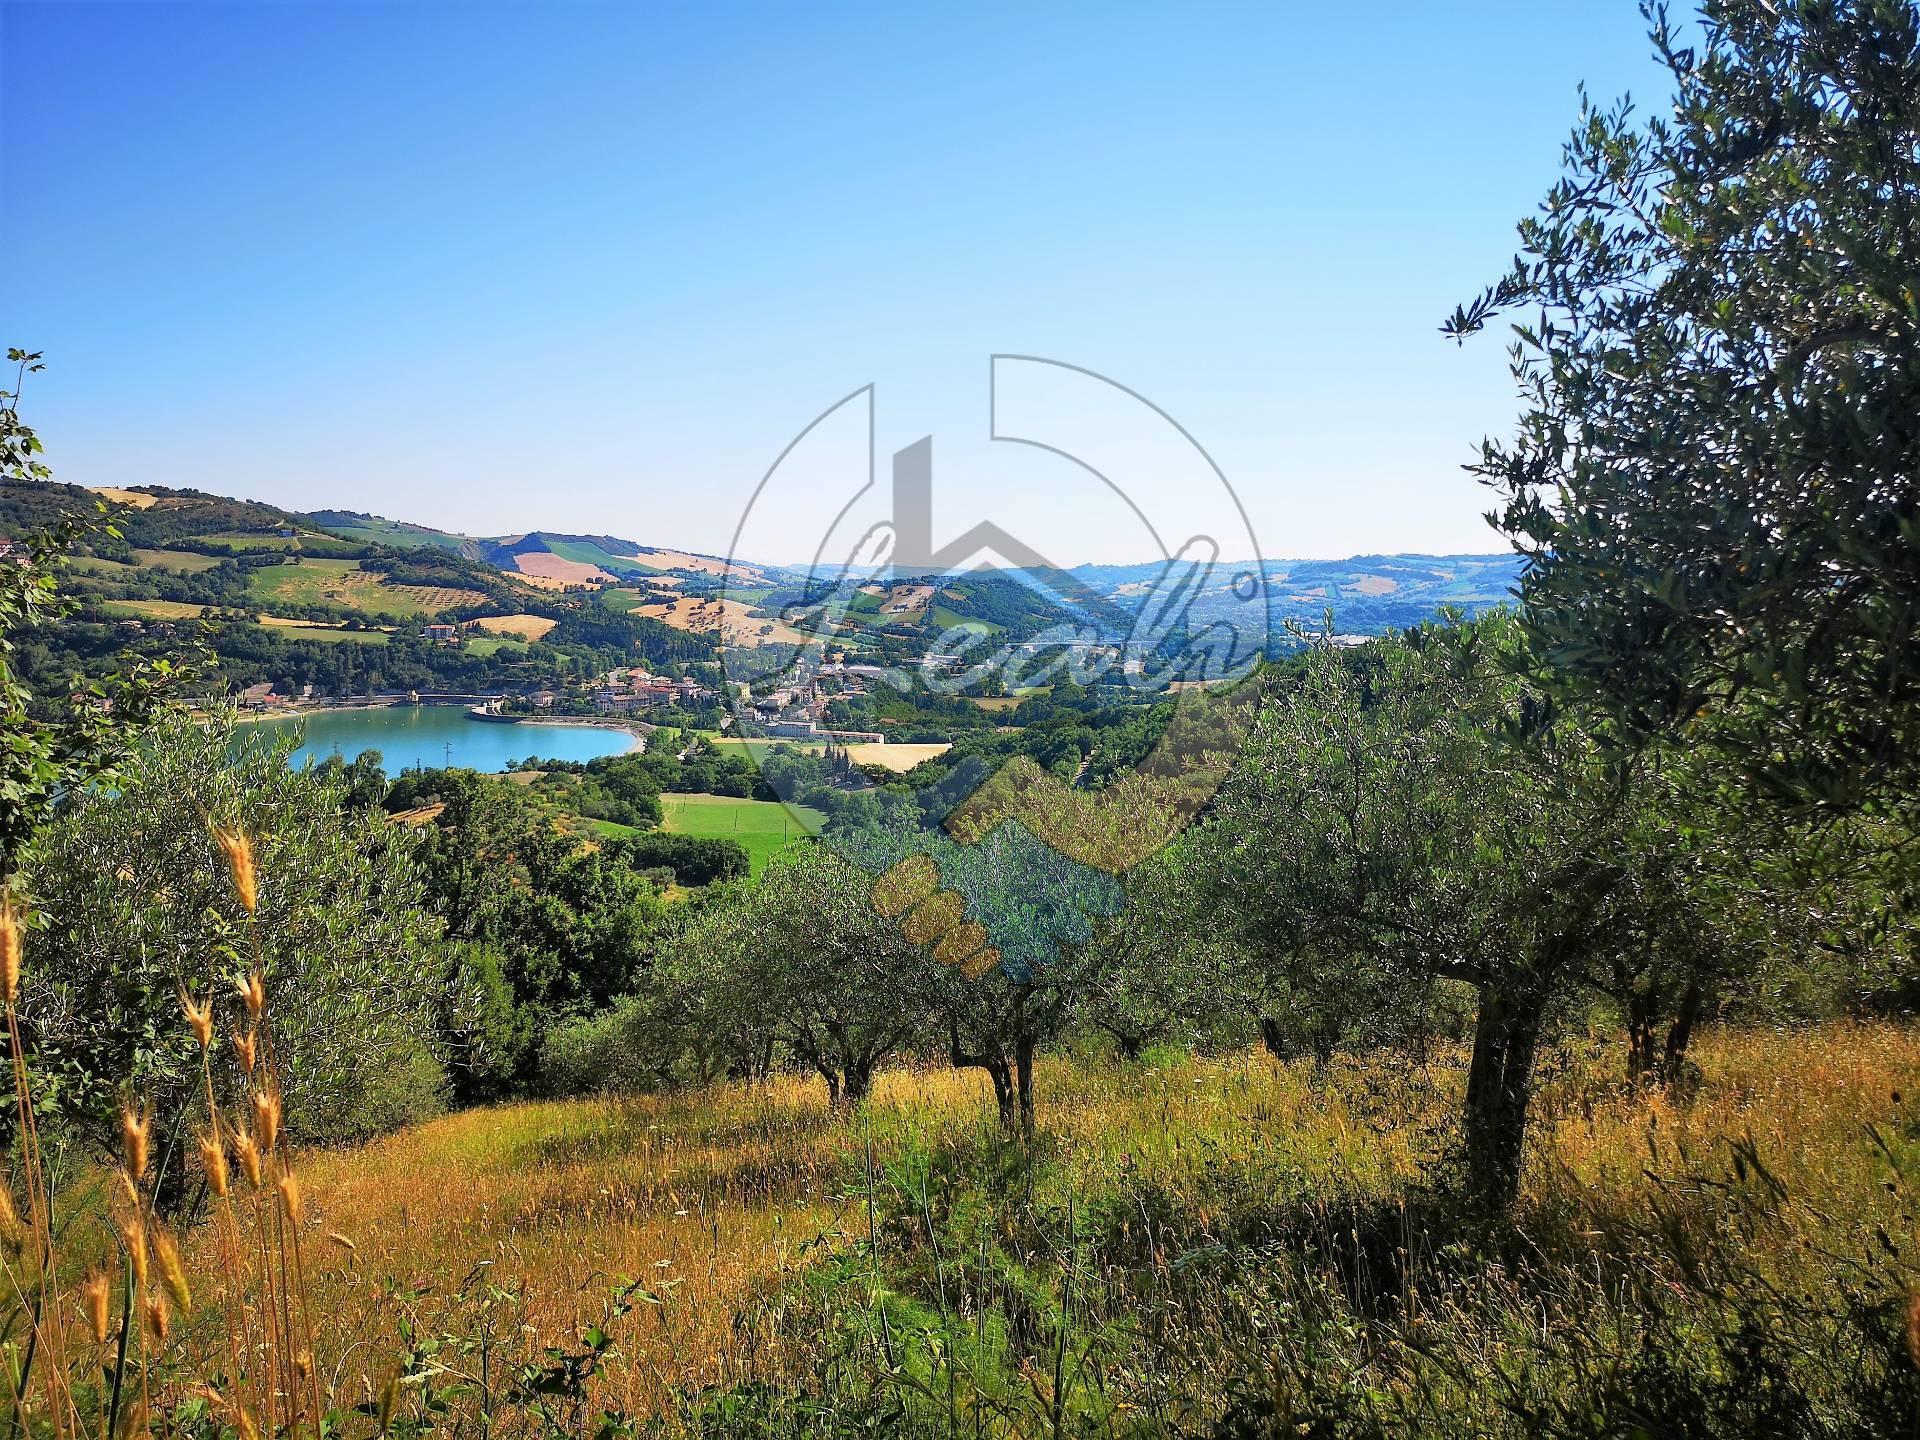 Terreno Agricolo in vendita a Caldarola, 9999 locali, prezzo € 25.000 | CambioCasa.it